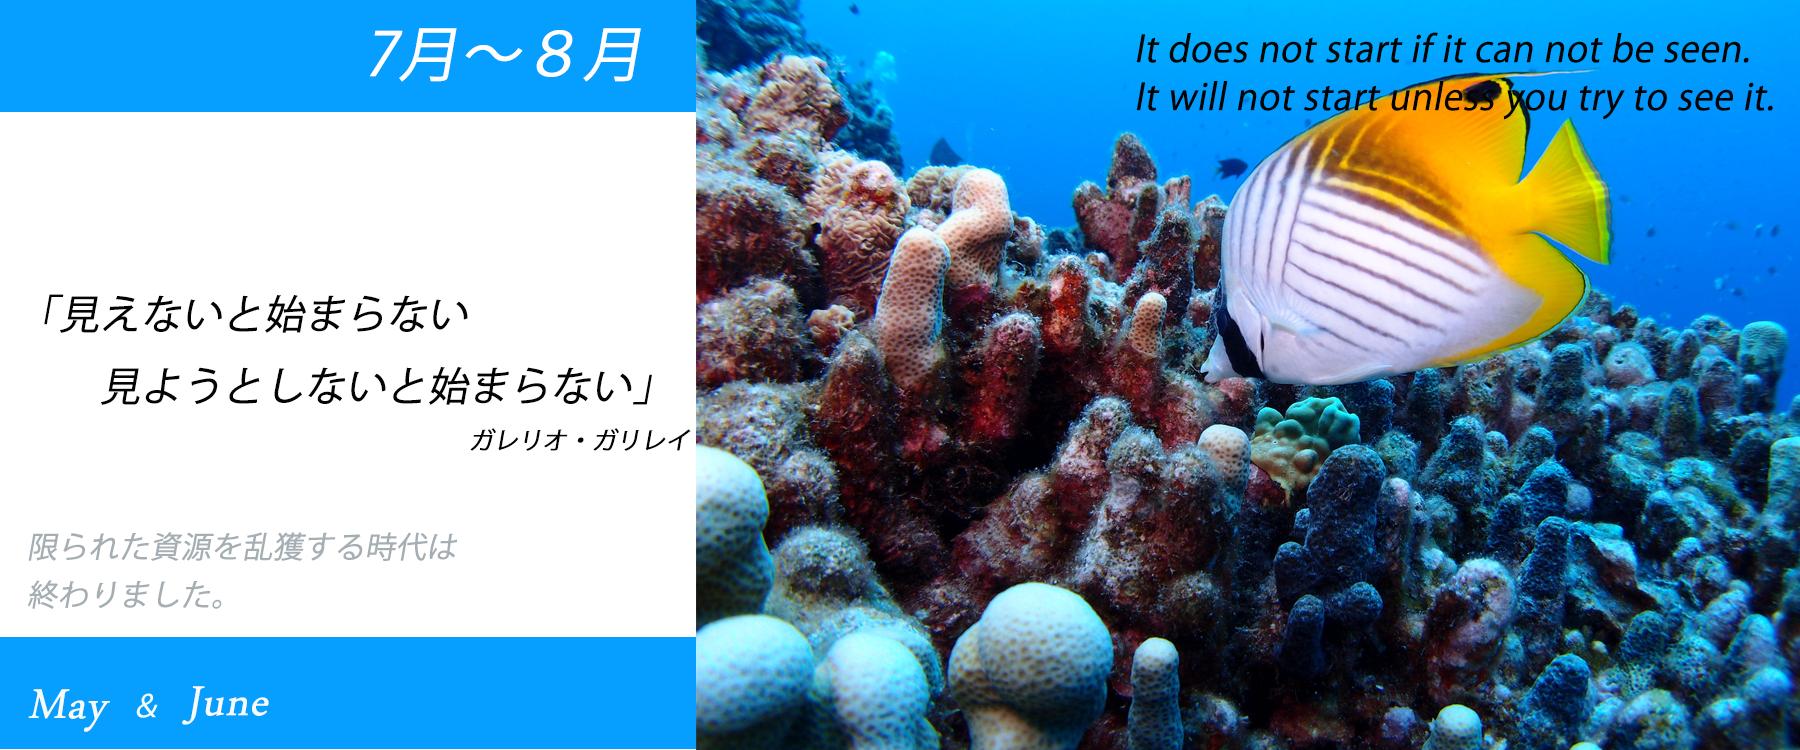 海水魚製品のセール